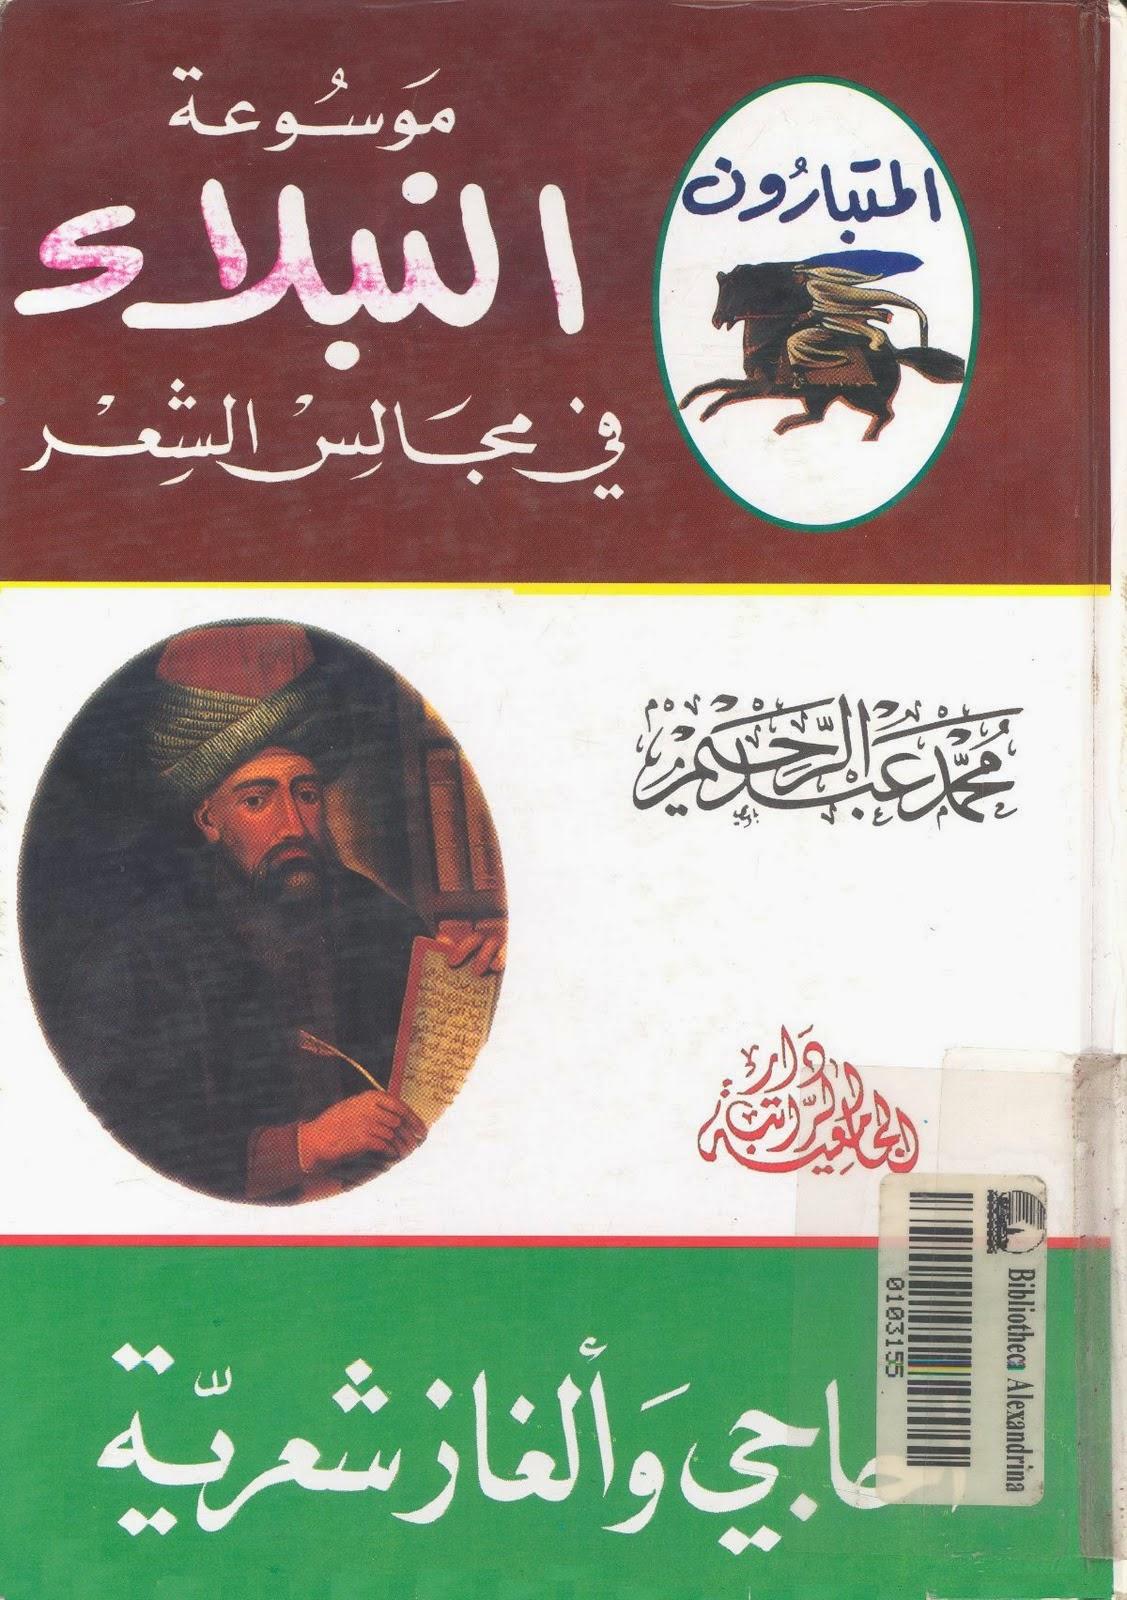 موسوعة النبلاء في مجالس الشعر: أحاجي وألغاز شعرية - محمد عبد الرحيم pdf